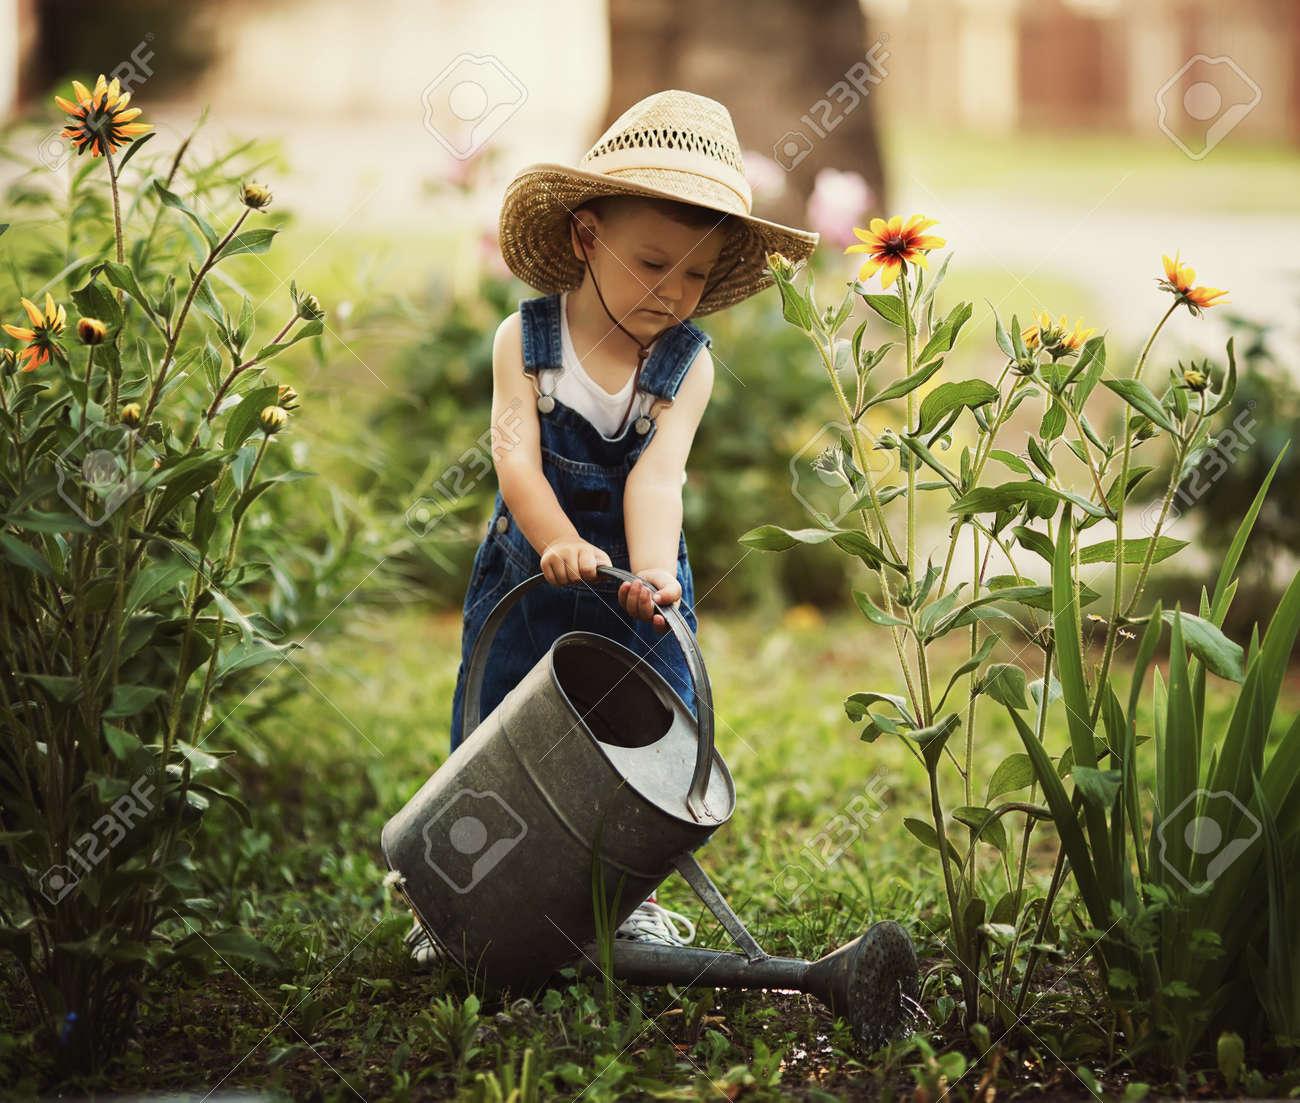 kids gardening cute little boy watering flowers watering can stock photo